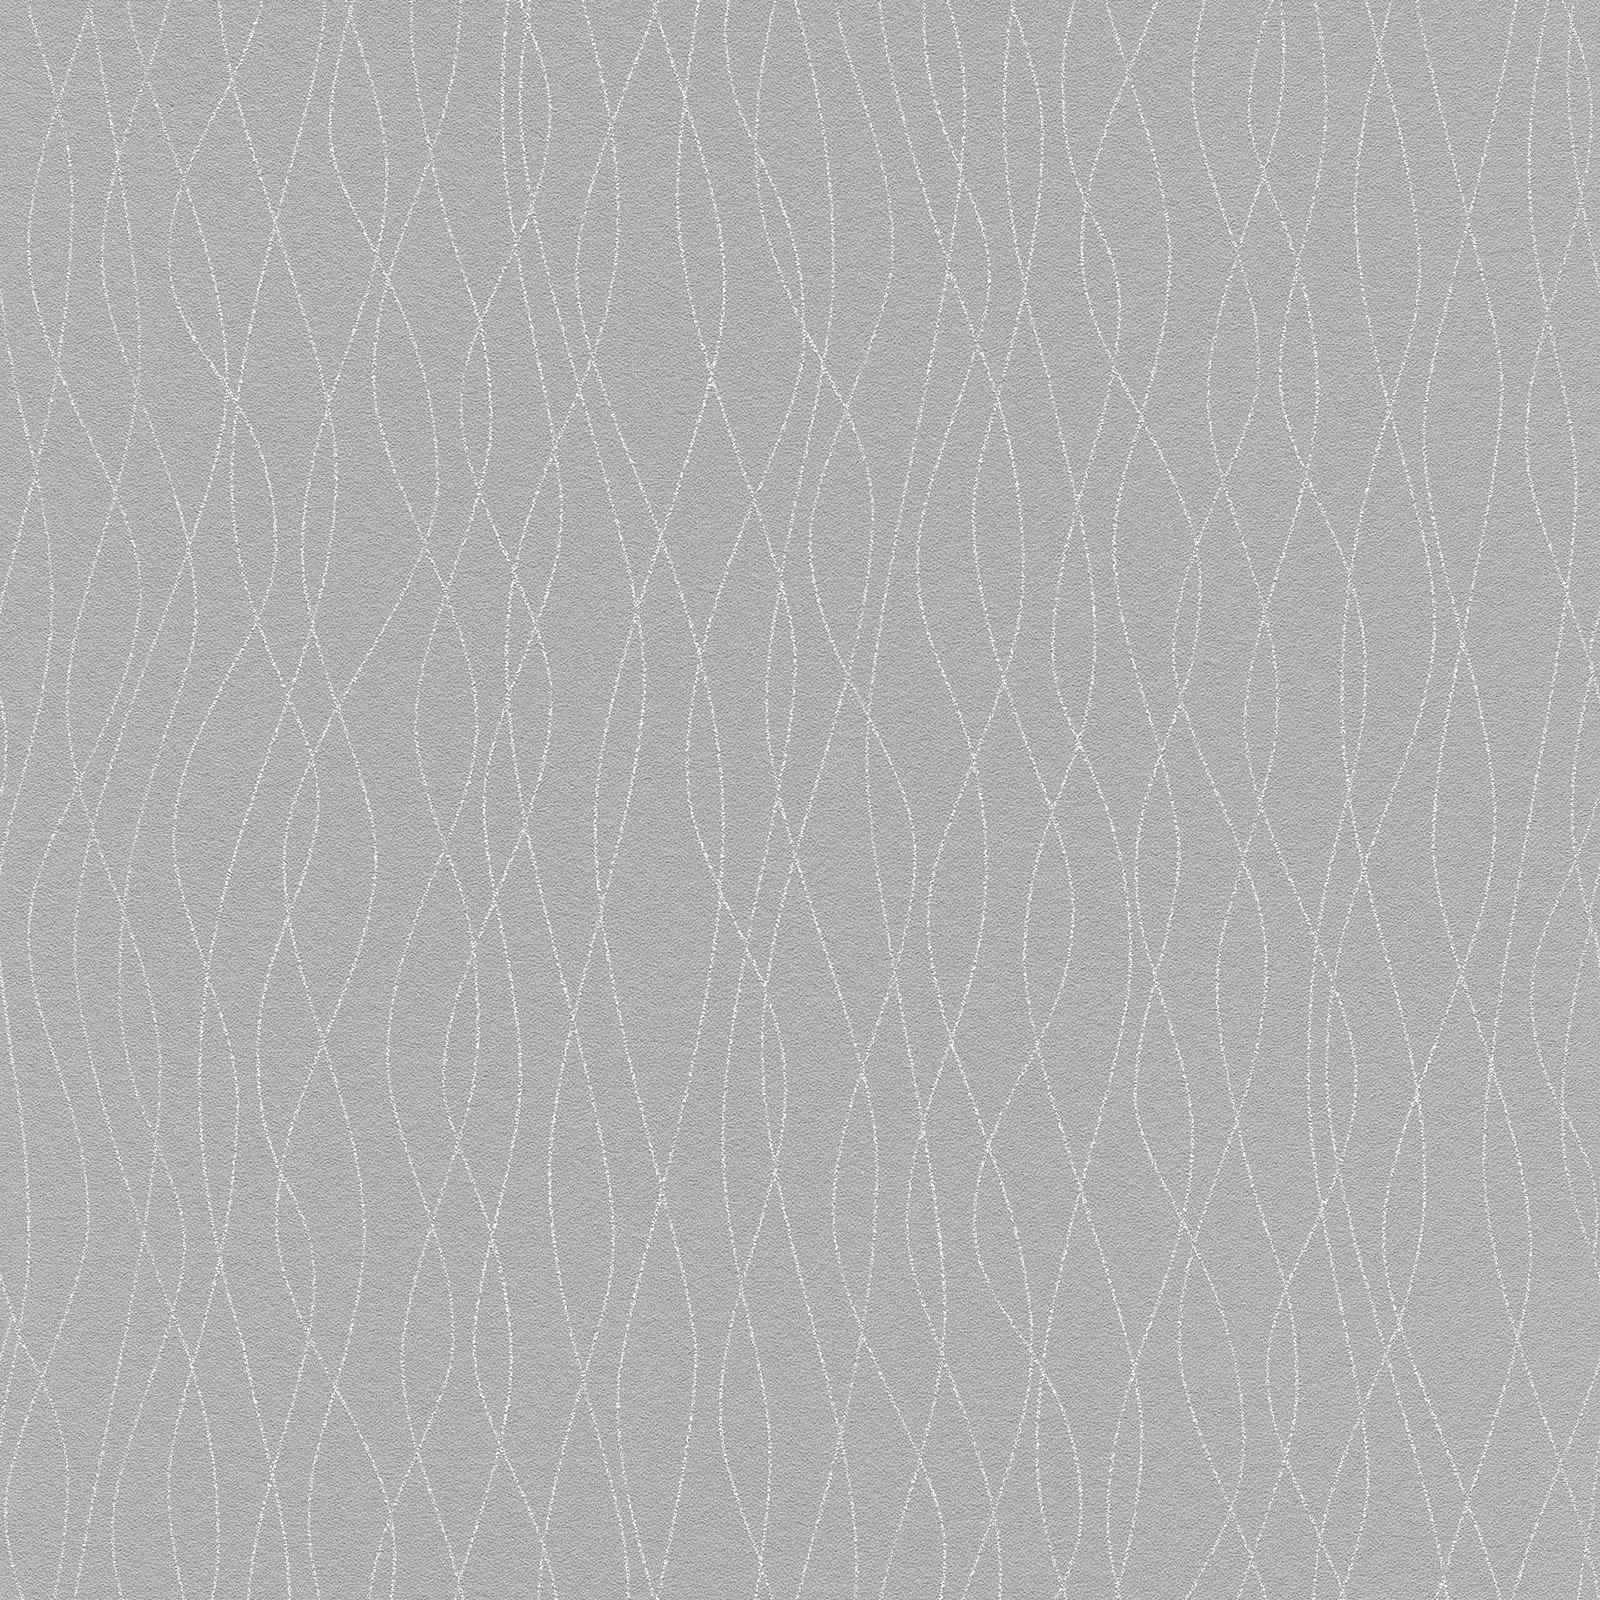 Rasch Scintillant Paillettes Fil Papier Peint Peint Papier Gris